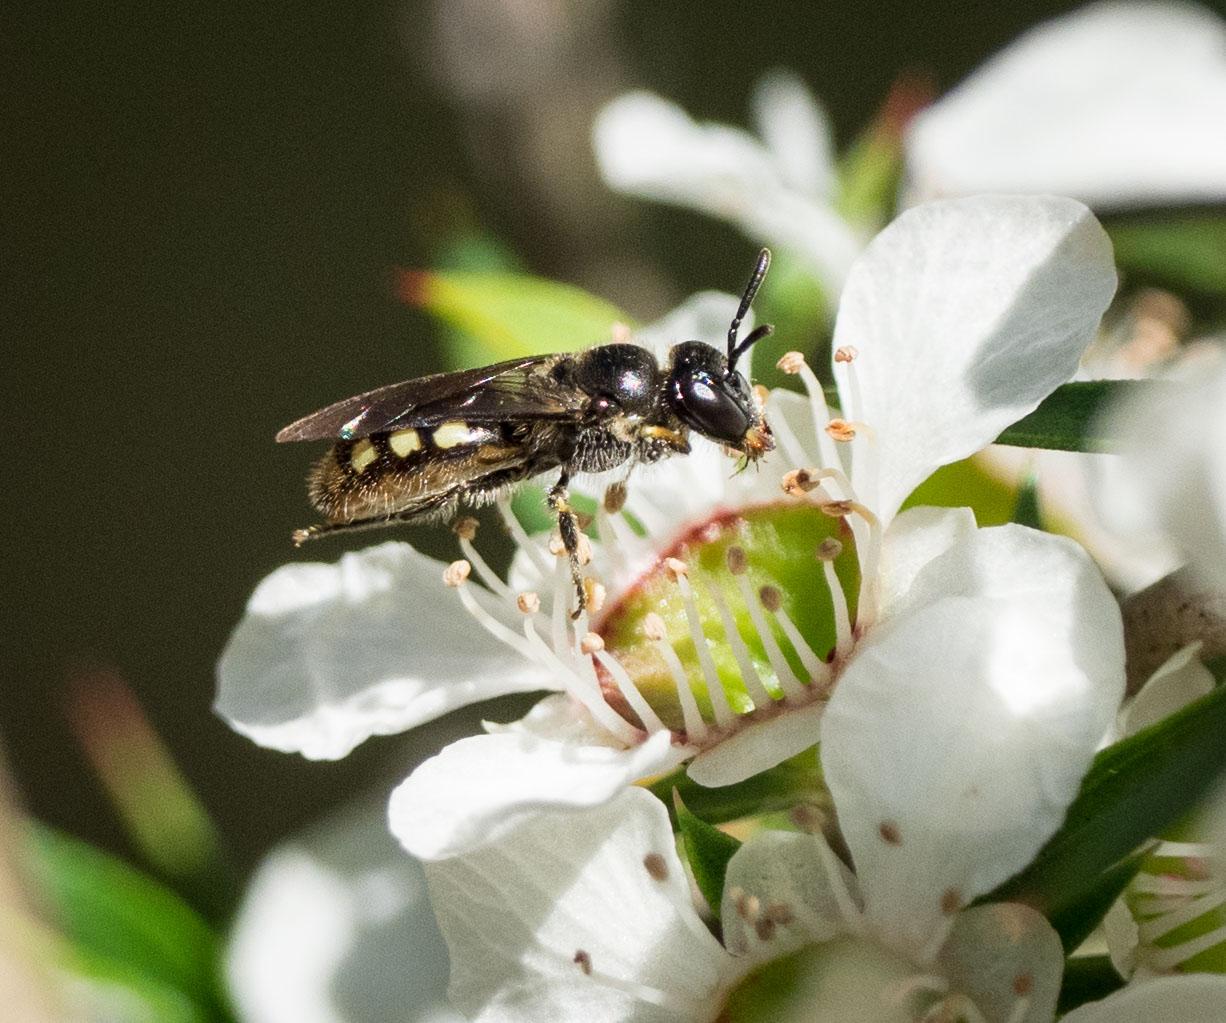 Euhesma sp.  (Family: Colletidae; sub-family: Euryglossinae)